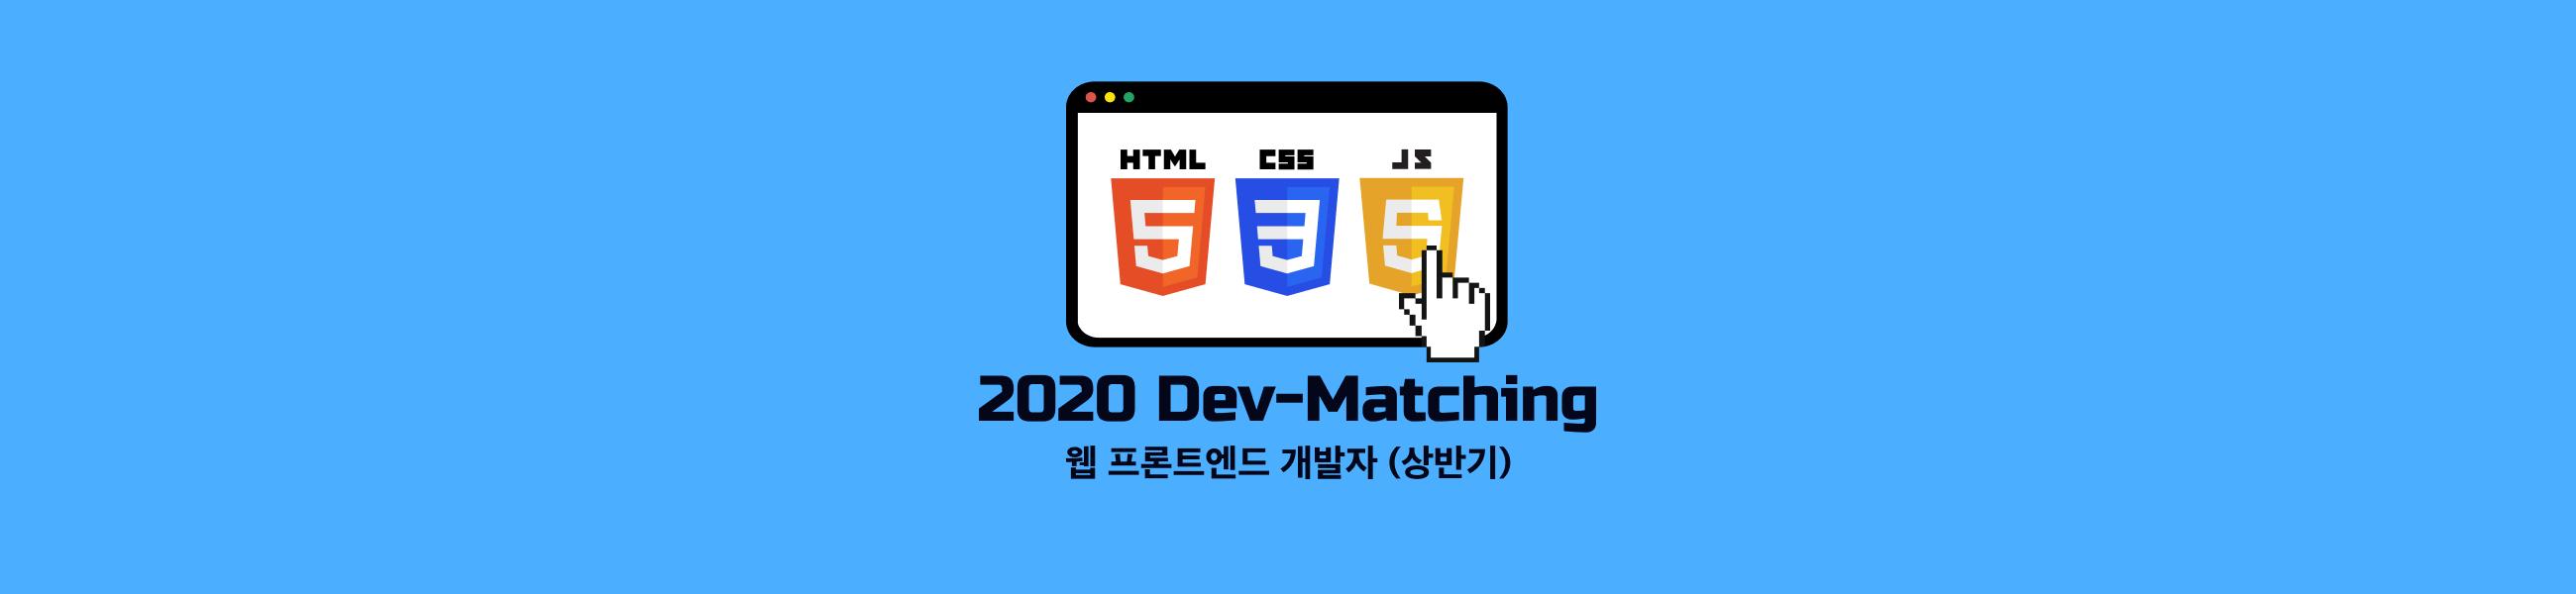 2020 Dev-Matching: 웹 프론트엔드 개발자(상반기)의 이미지